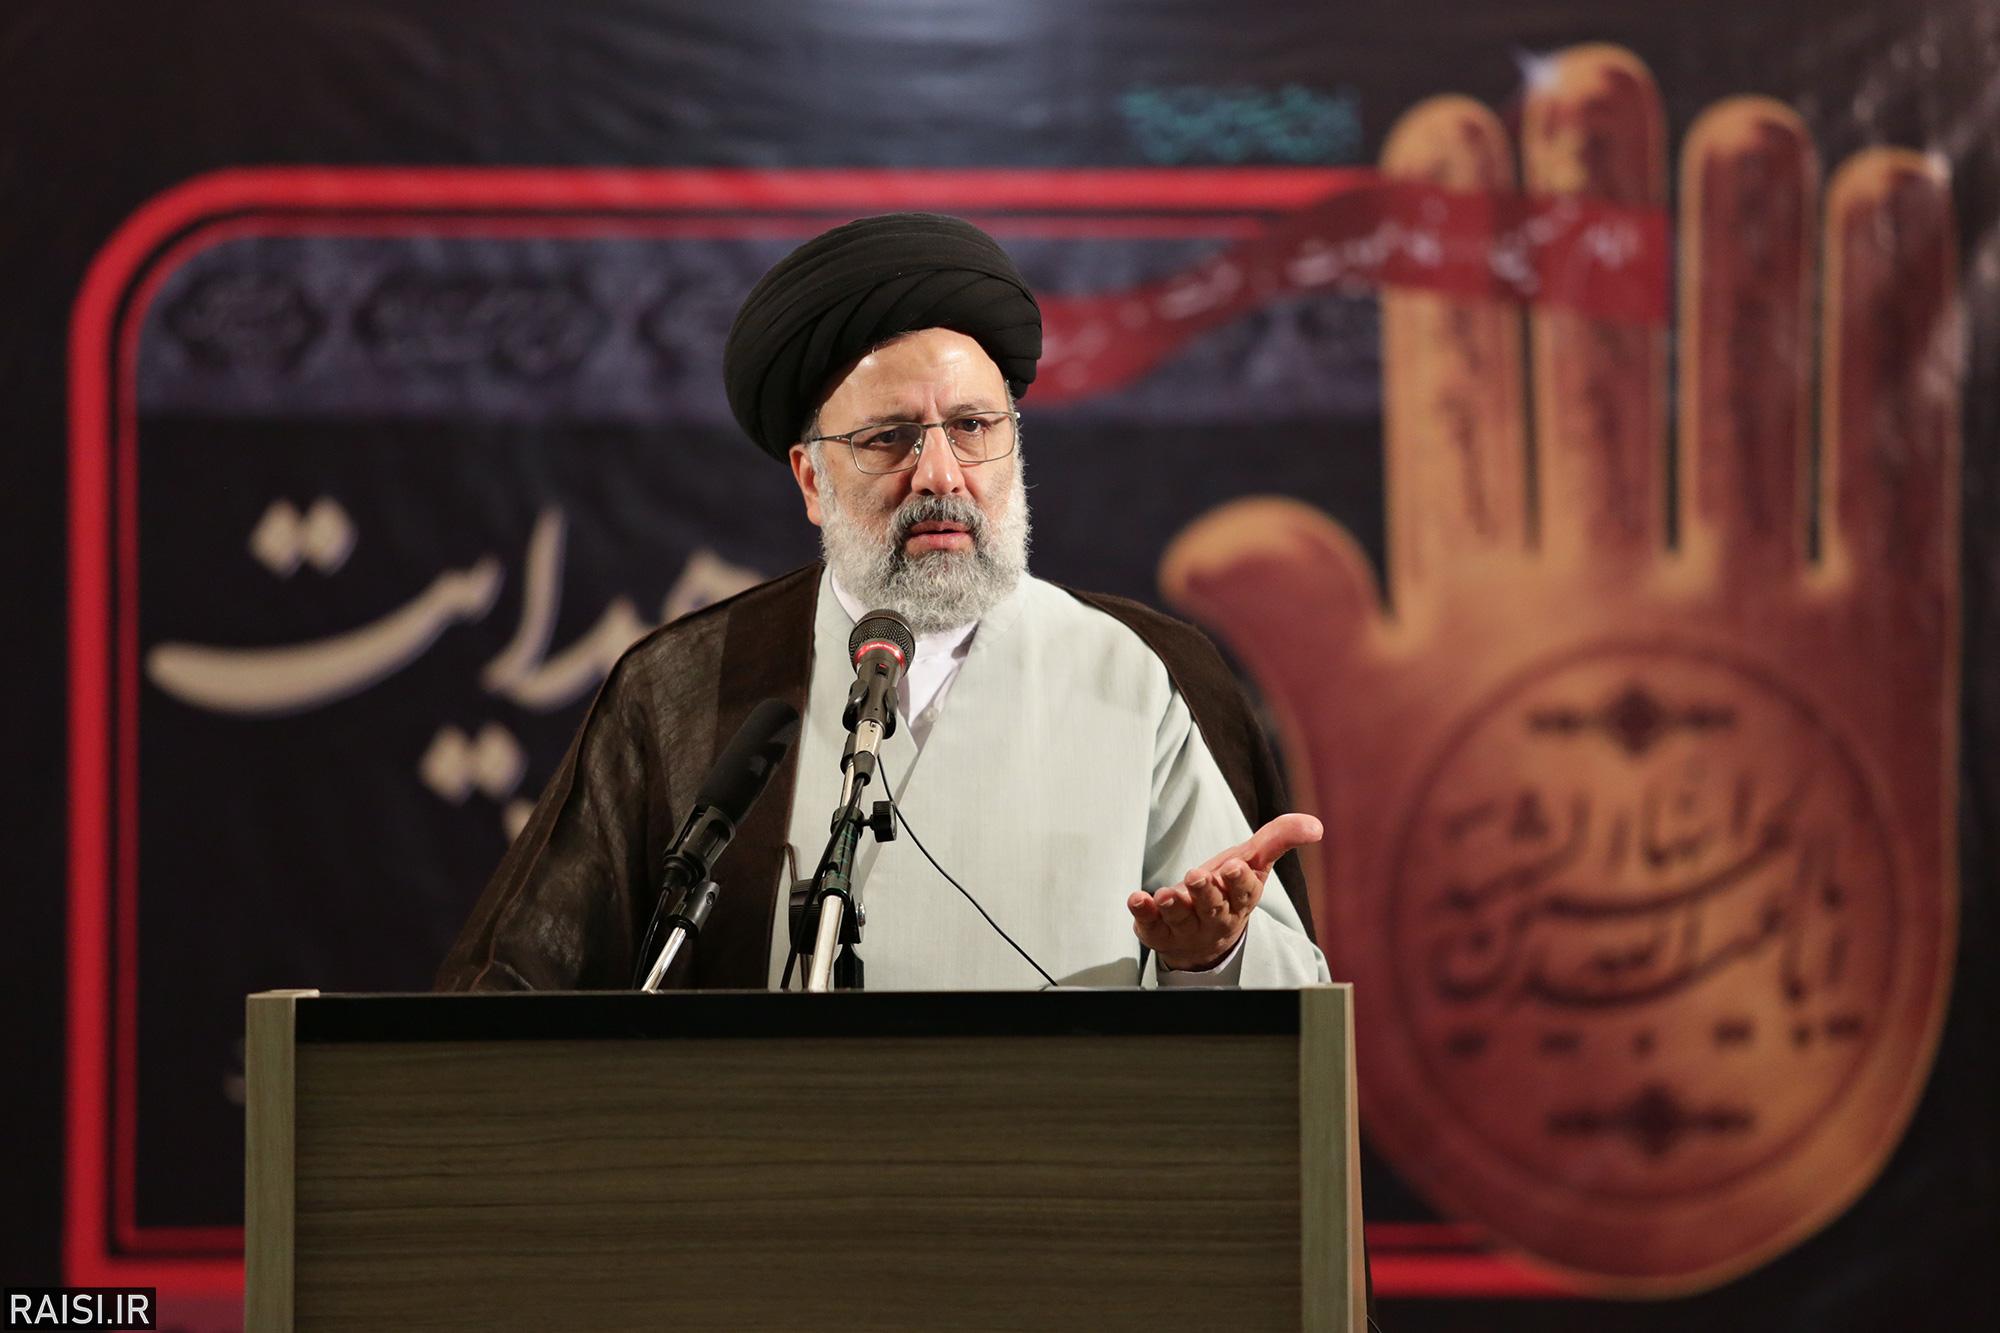 گزارش تصویری سخنرانی تولیت آستان قدس رضوی در همایش طلایه داران هدایت